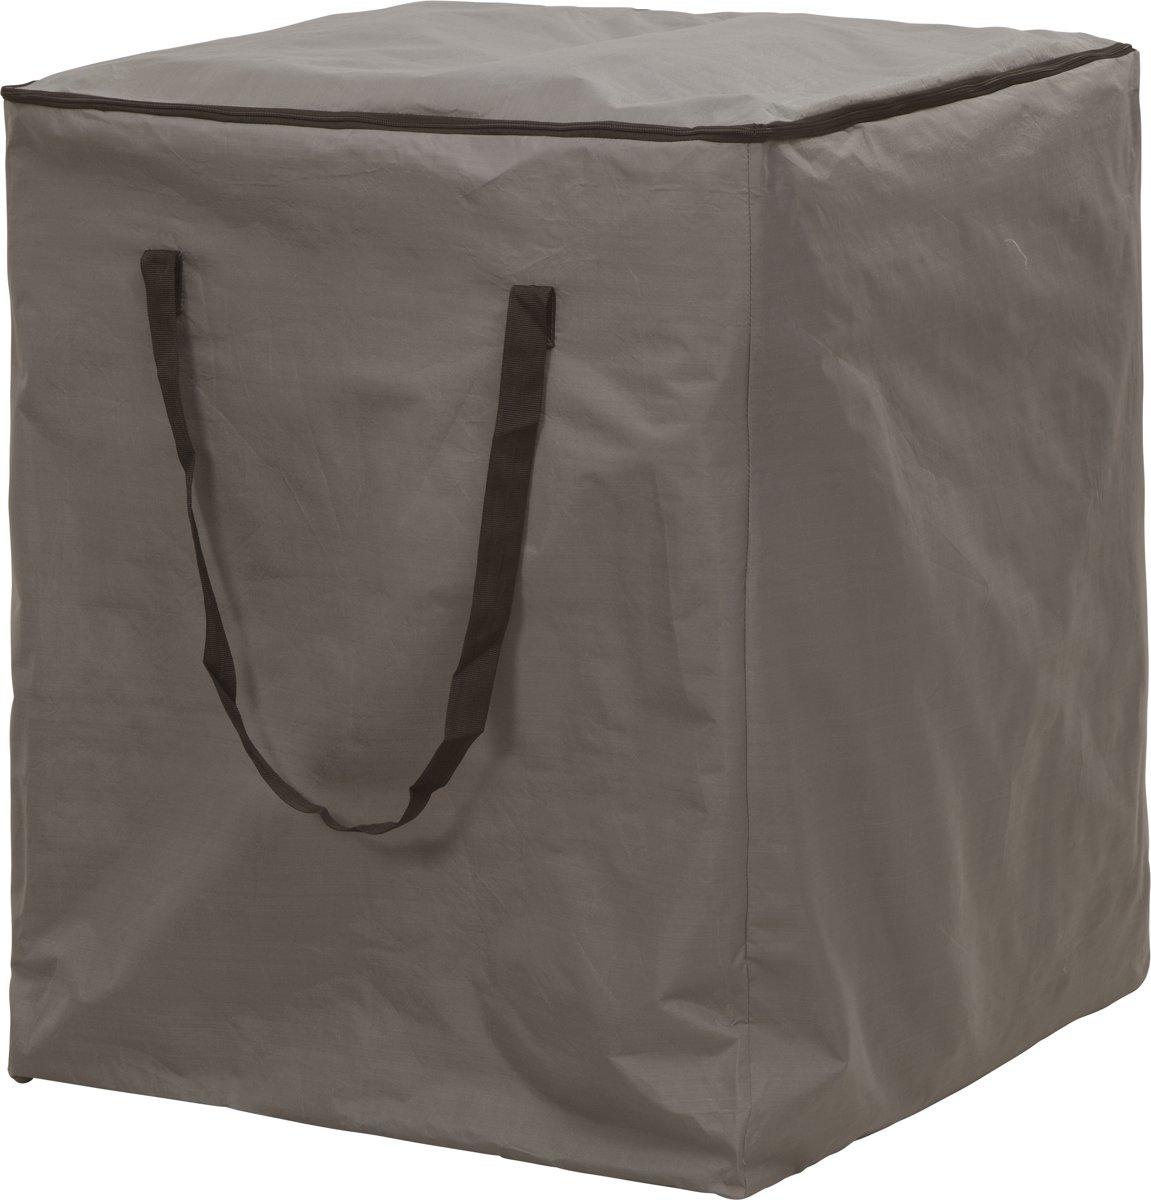 DistriCover kussentas voor lounge kussens 75x75x95cm kopen